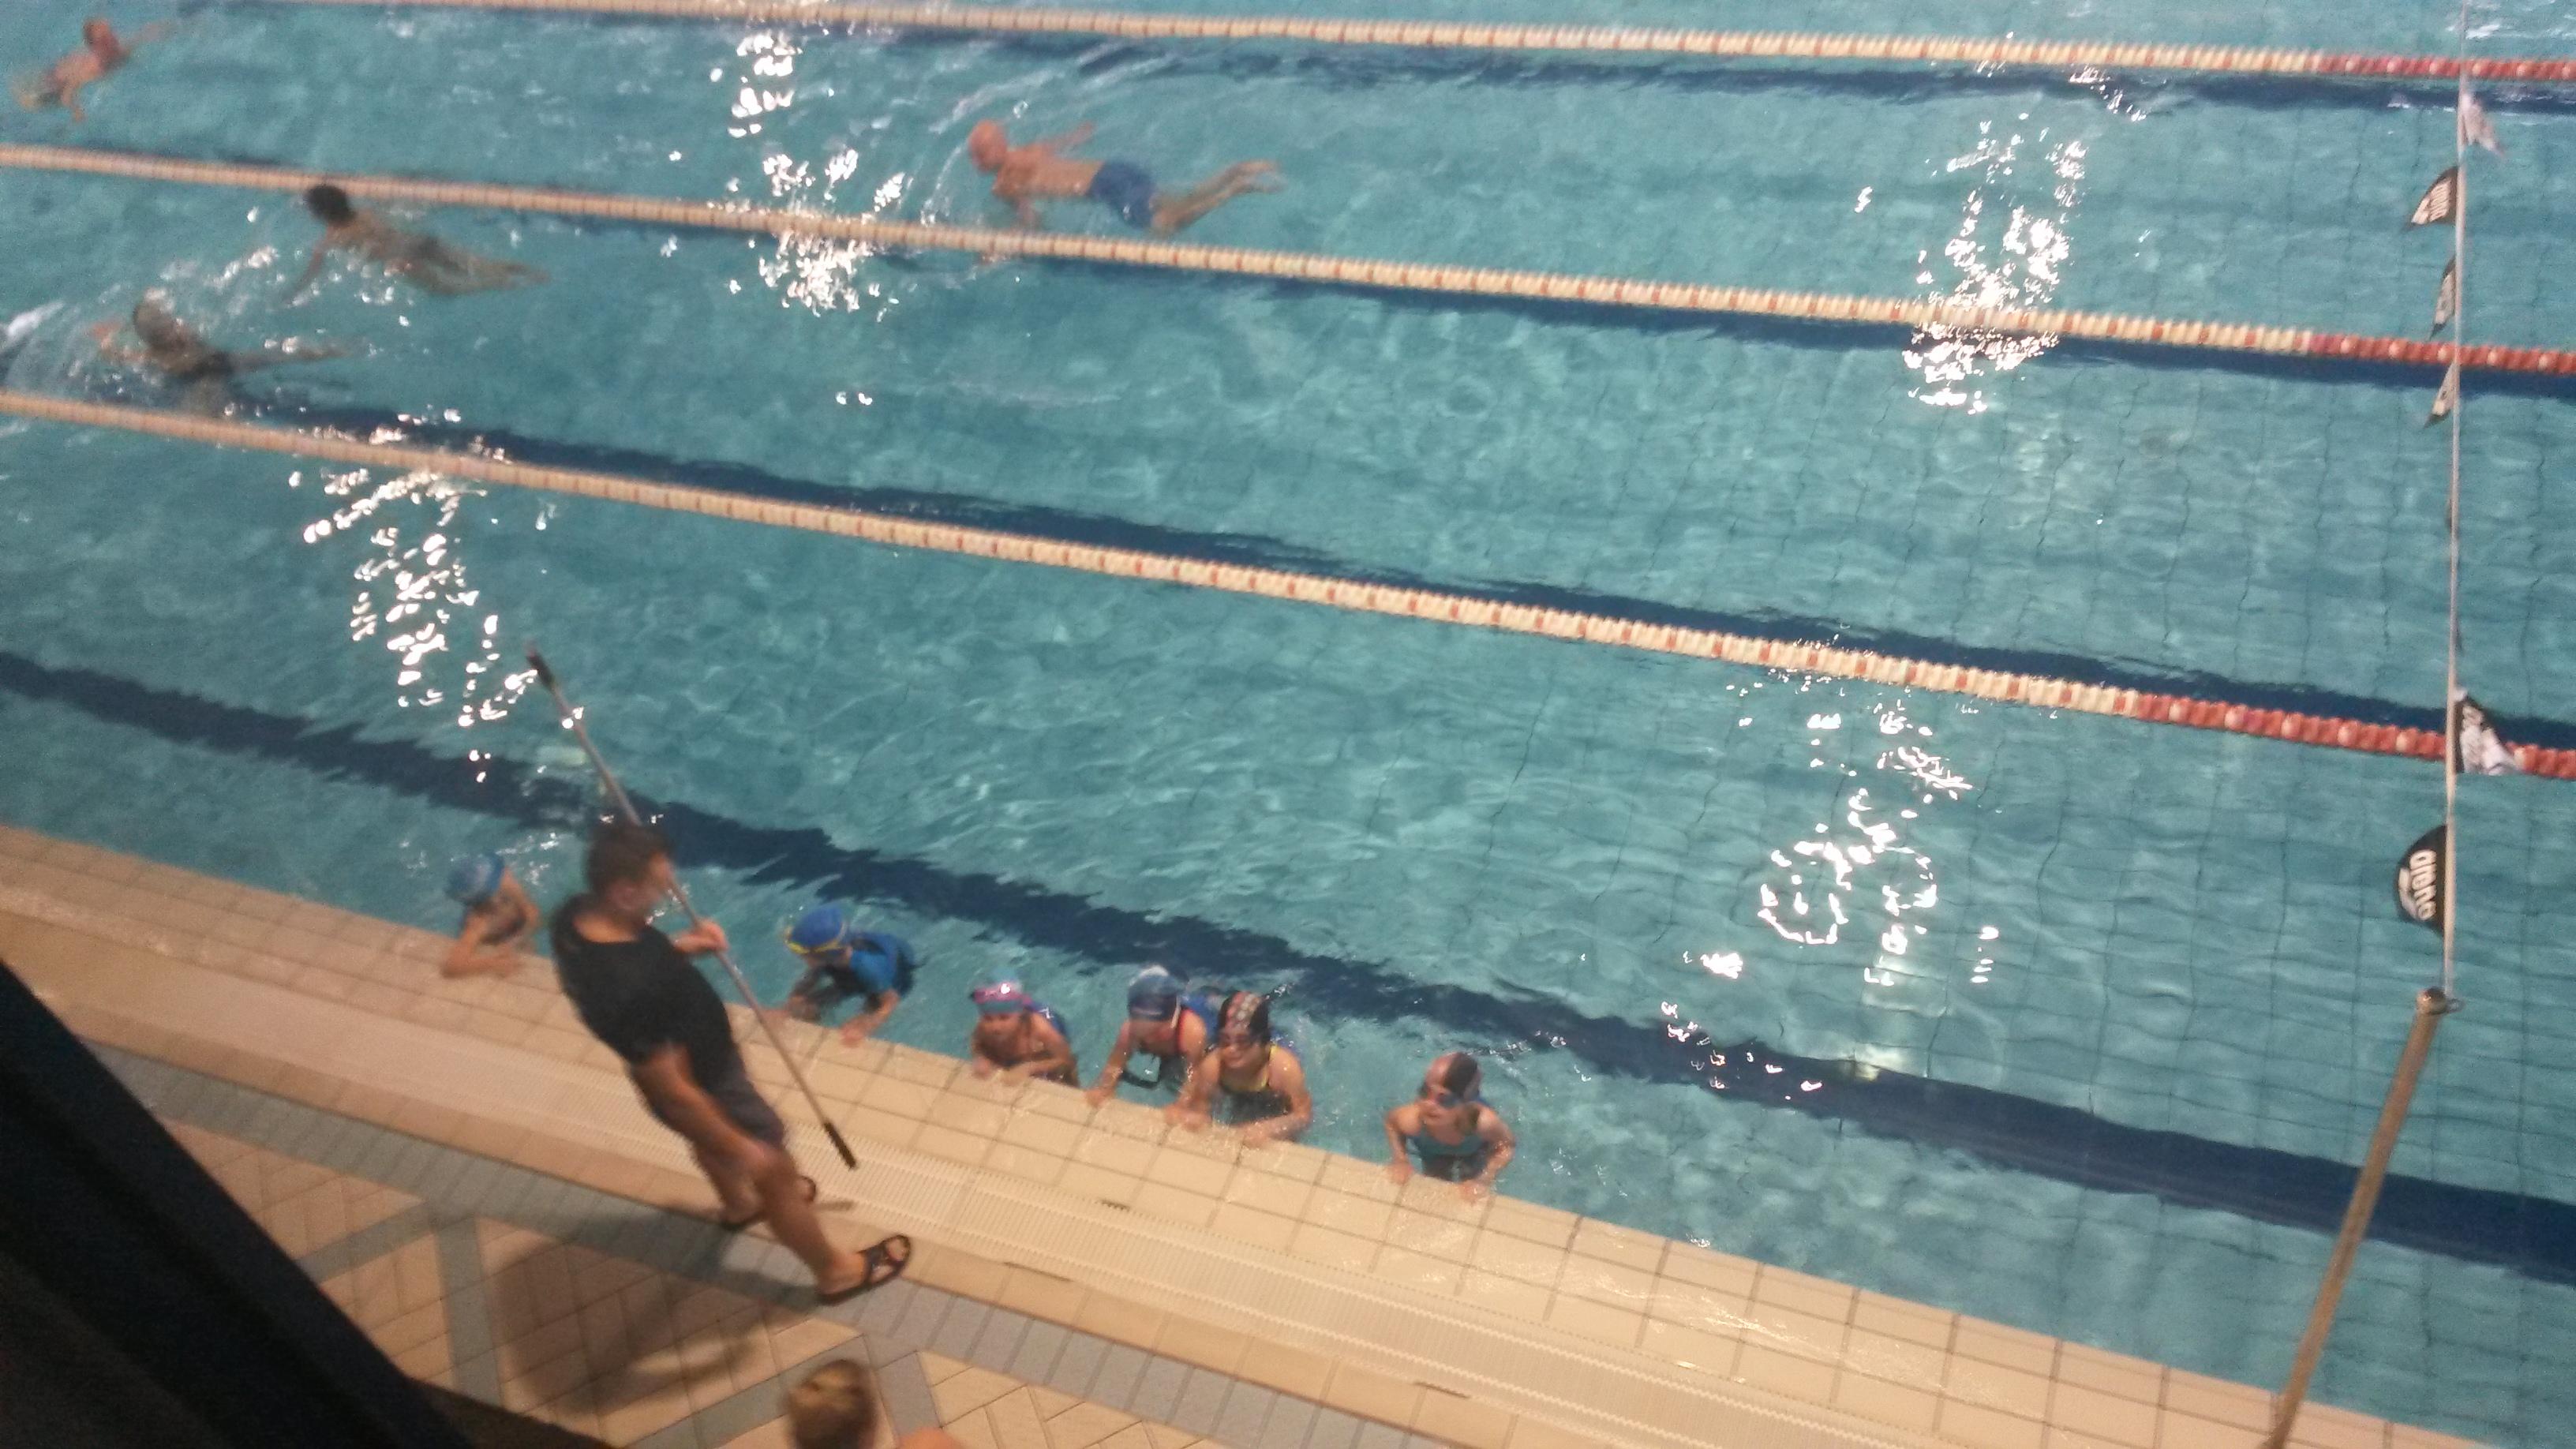 Noworoczne zmiany na basenie w Kętach. Dotyczą użytkowników, a także rodziców i opiekunów